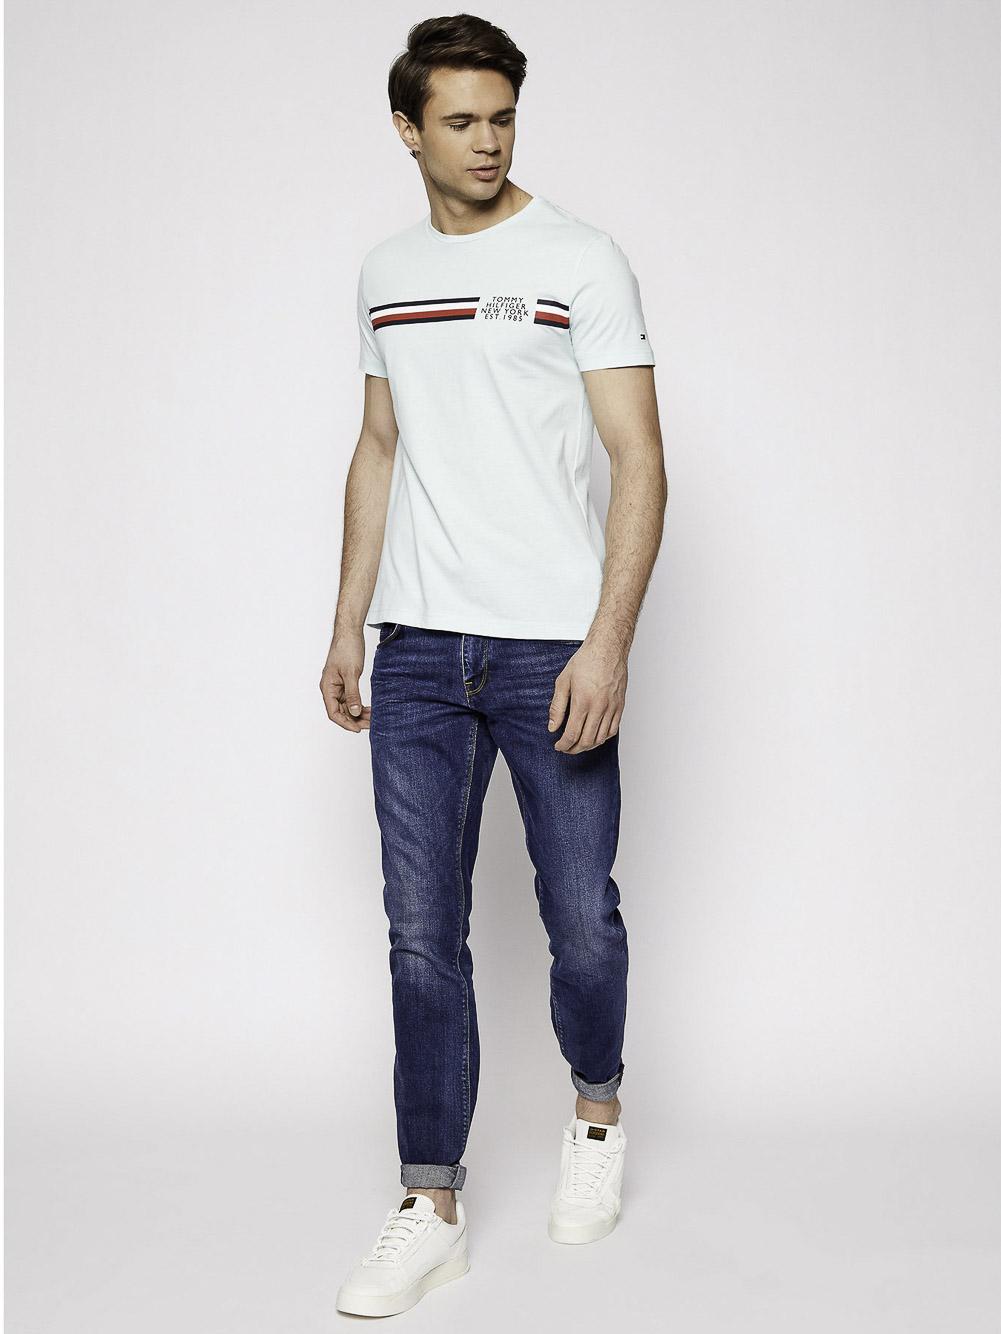 TOMMY HILFIGER Μπλούζα t-shirt MW0MW16592-L4T ΤΥΡΚΟΥΑΖ